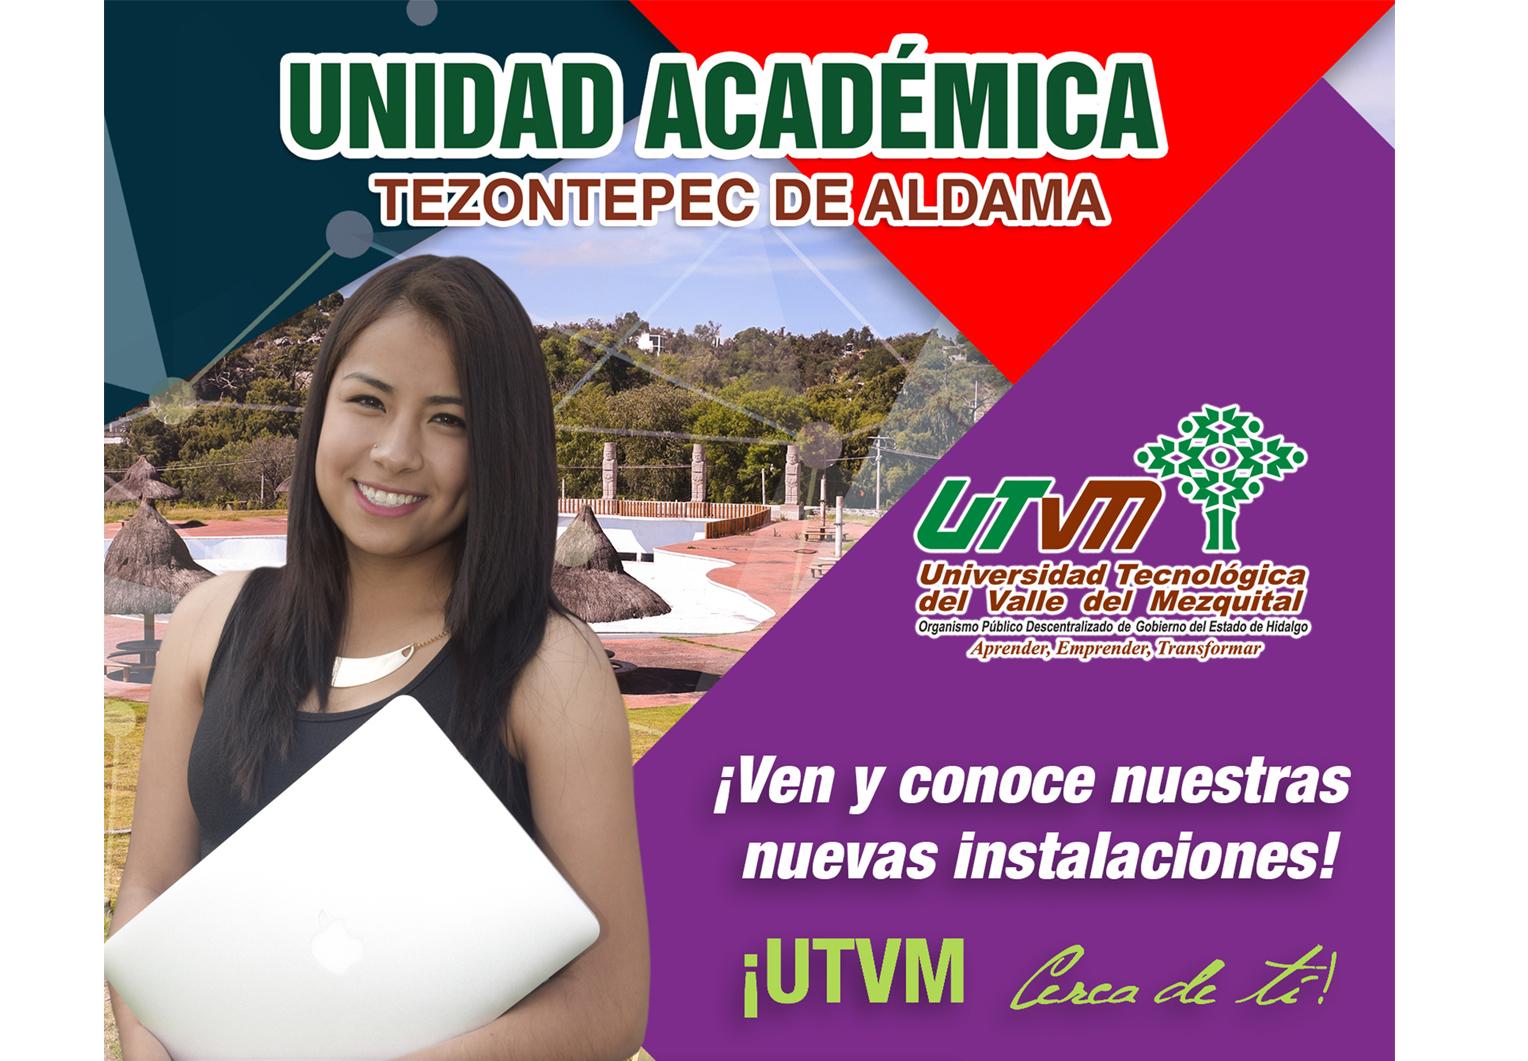 Unidad Académica